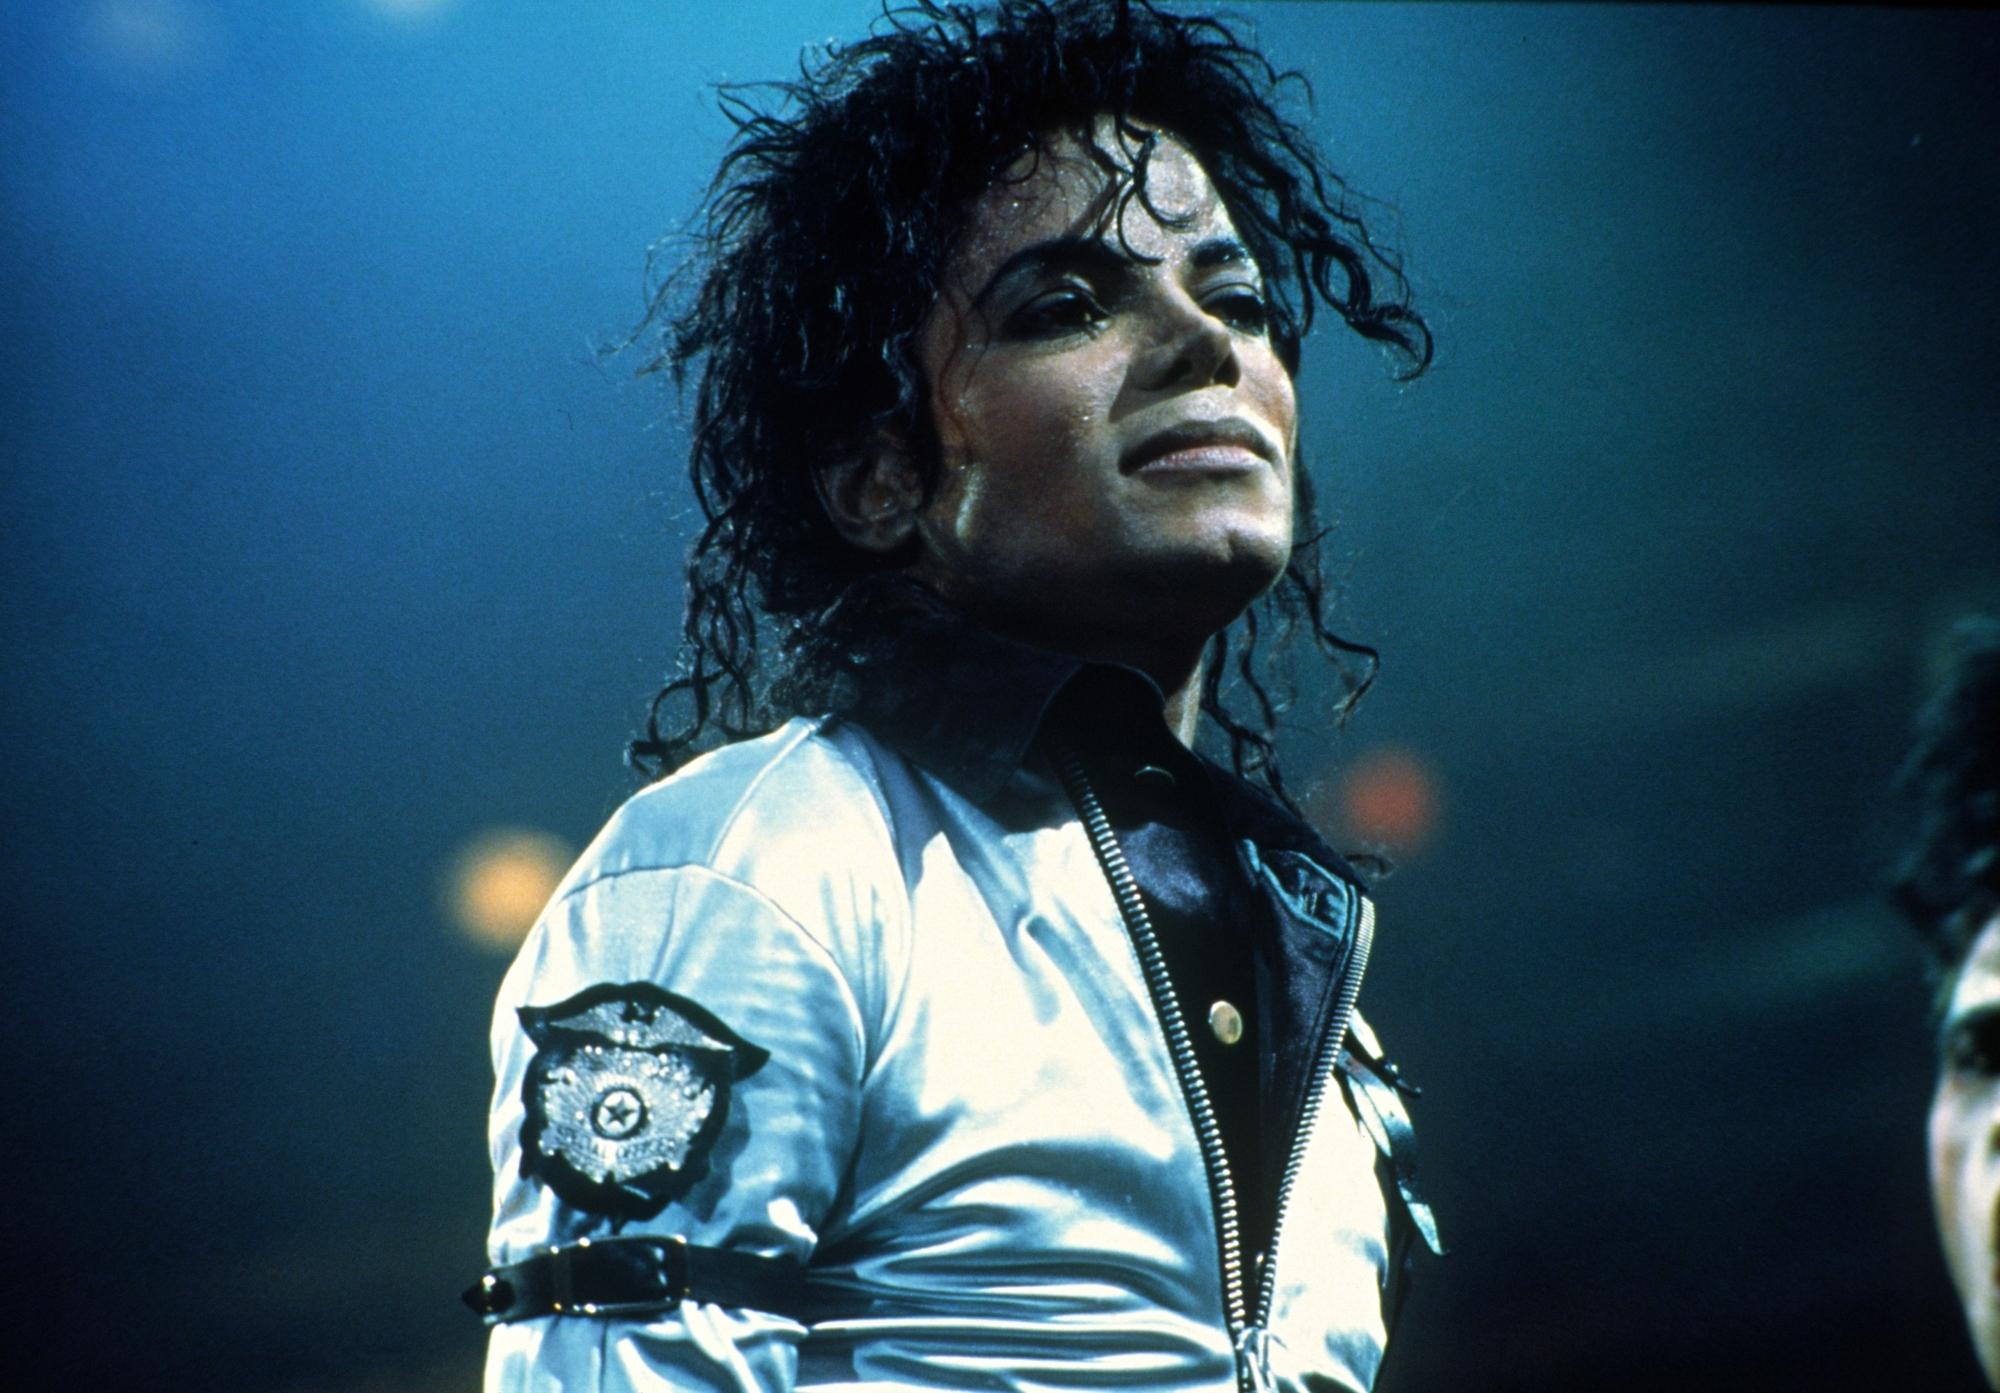 Michael Jackson : Il aurait eu 60 ans aujourd'hui